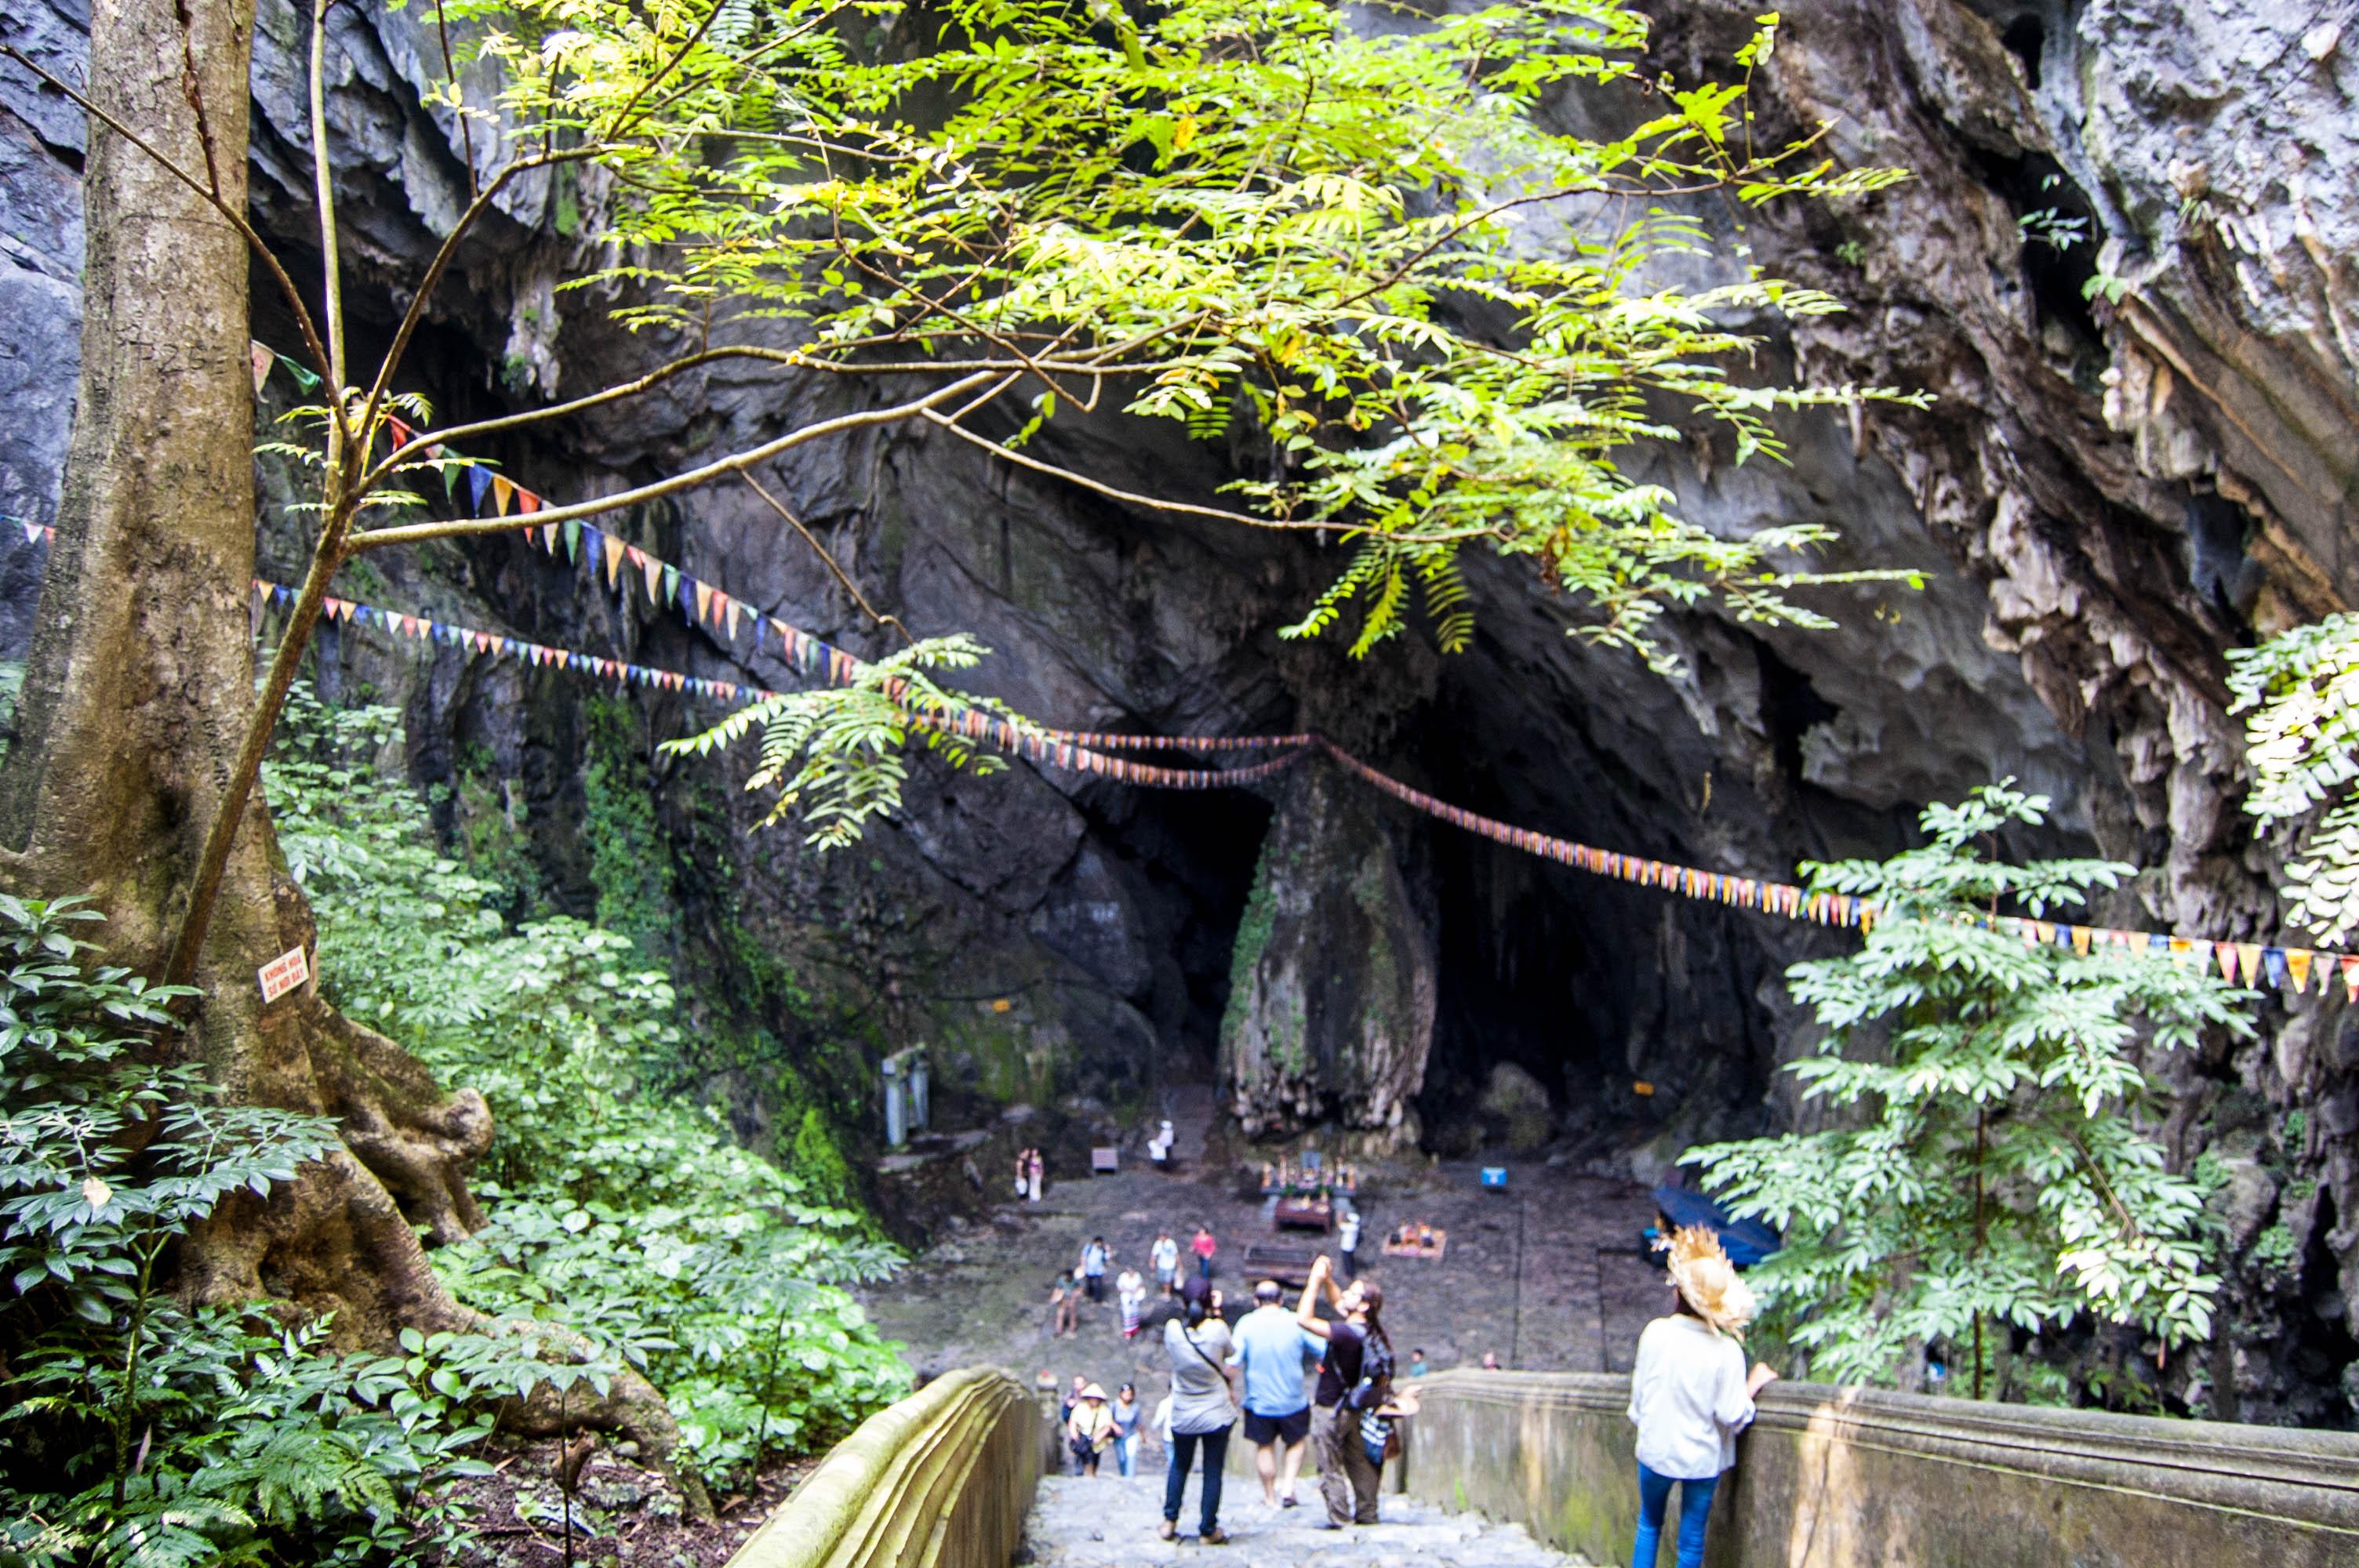 20121001_Vietnam_2173